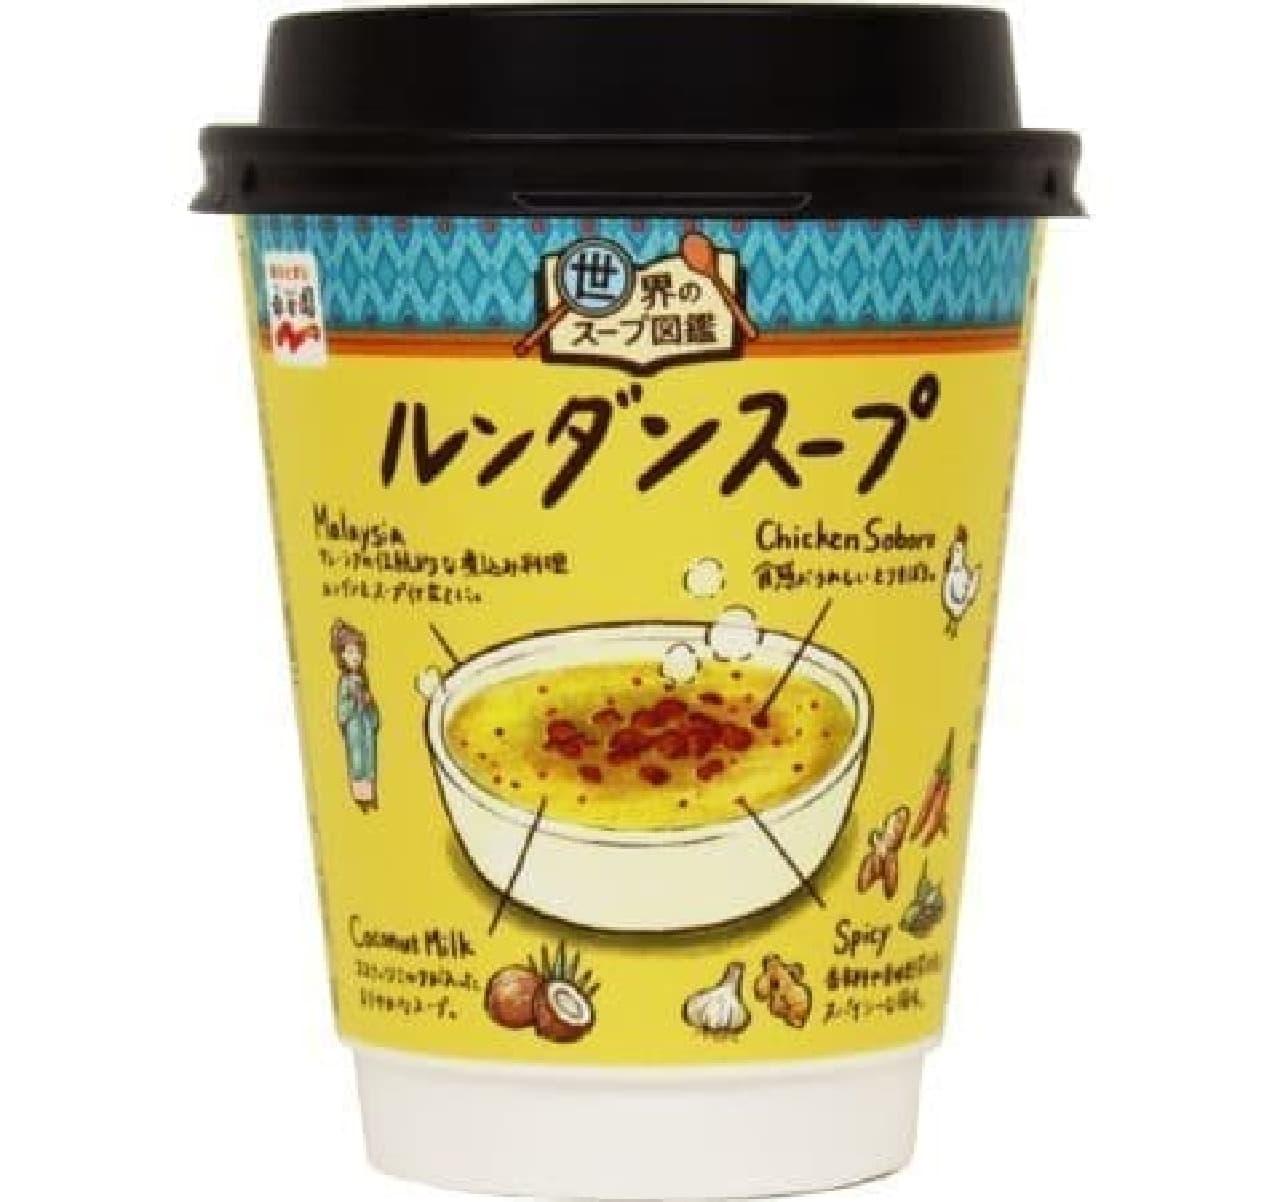 世界のスープ図鑑 第2弾「ルンダンスープ」